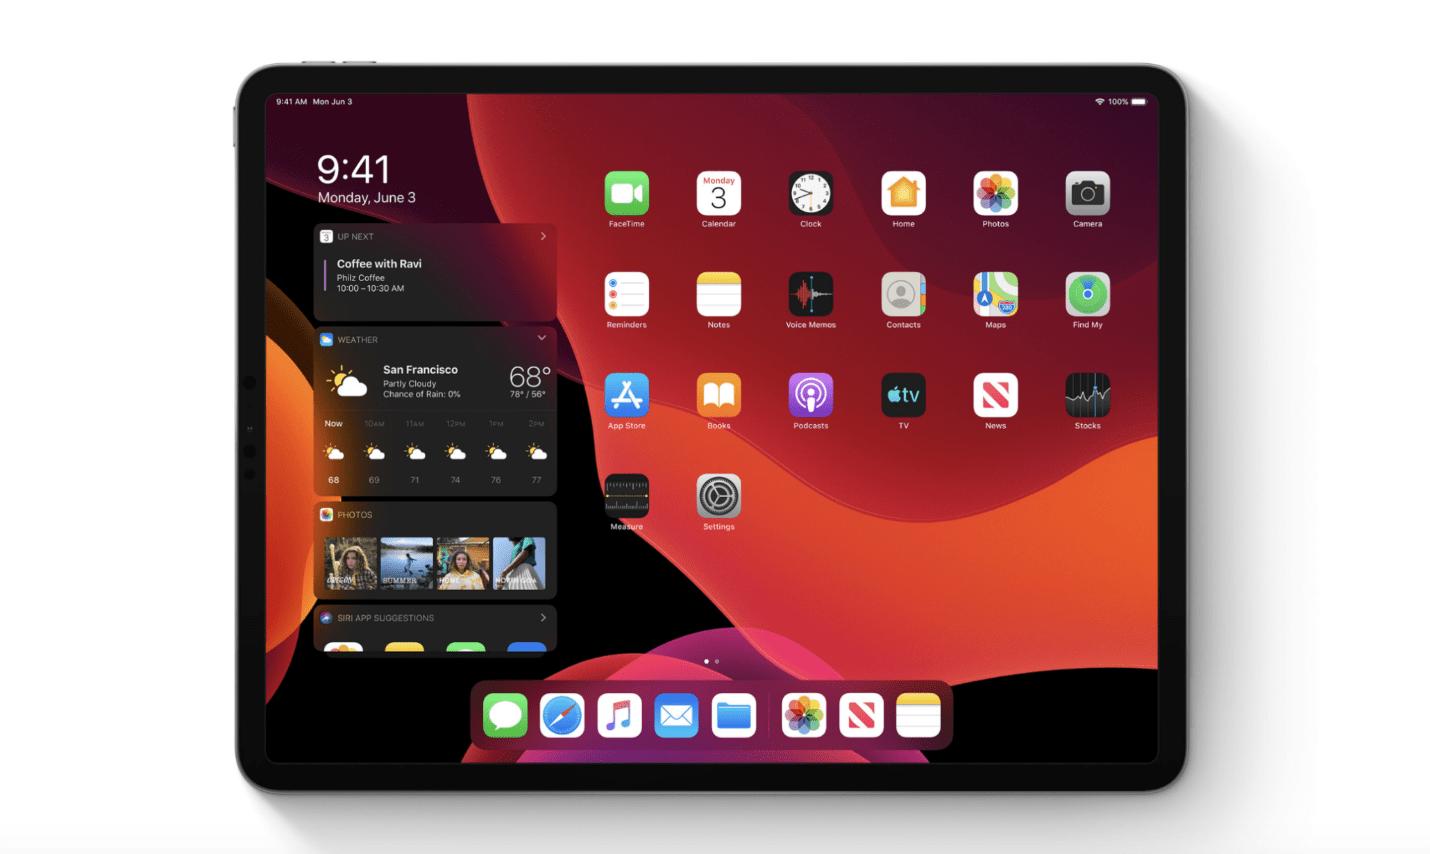 iPadOS 13 Features